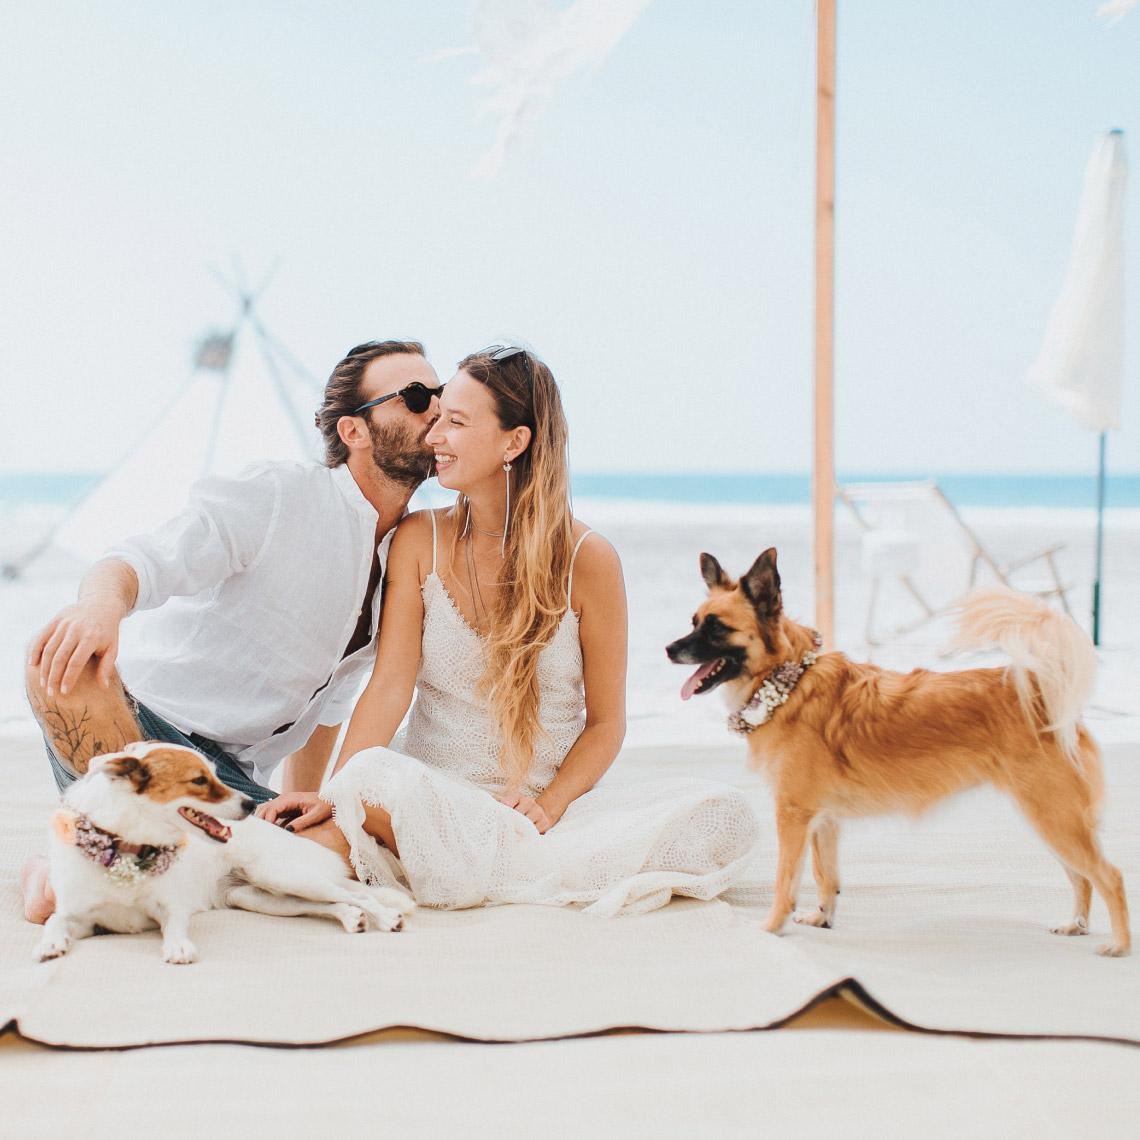 חתונה בים - מרפסת בטבע